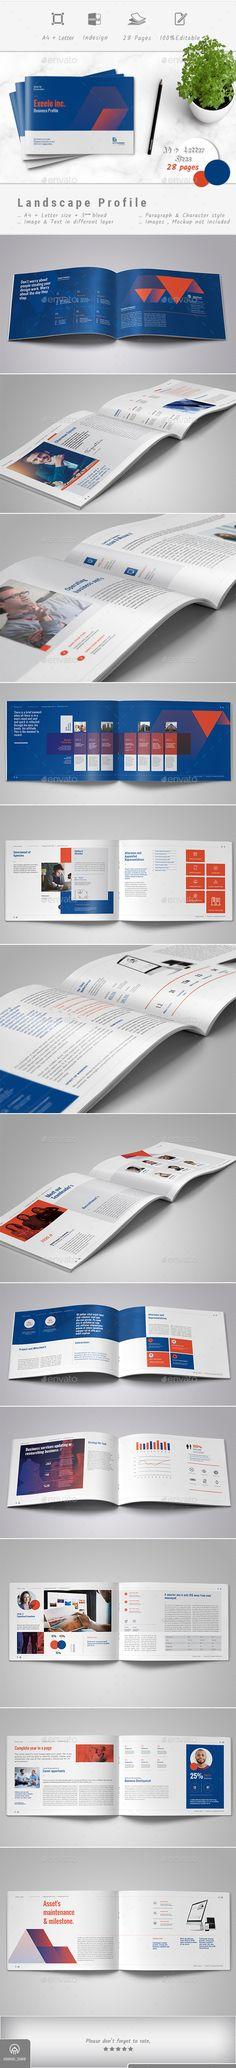 Company Profile Brochure   Corporate Brochure Design Company